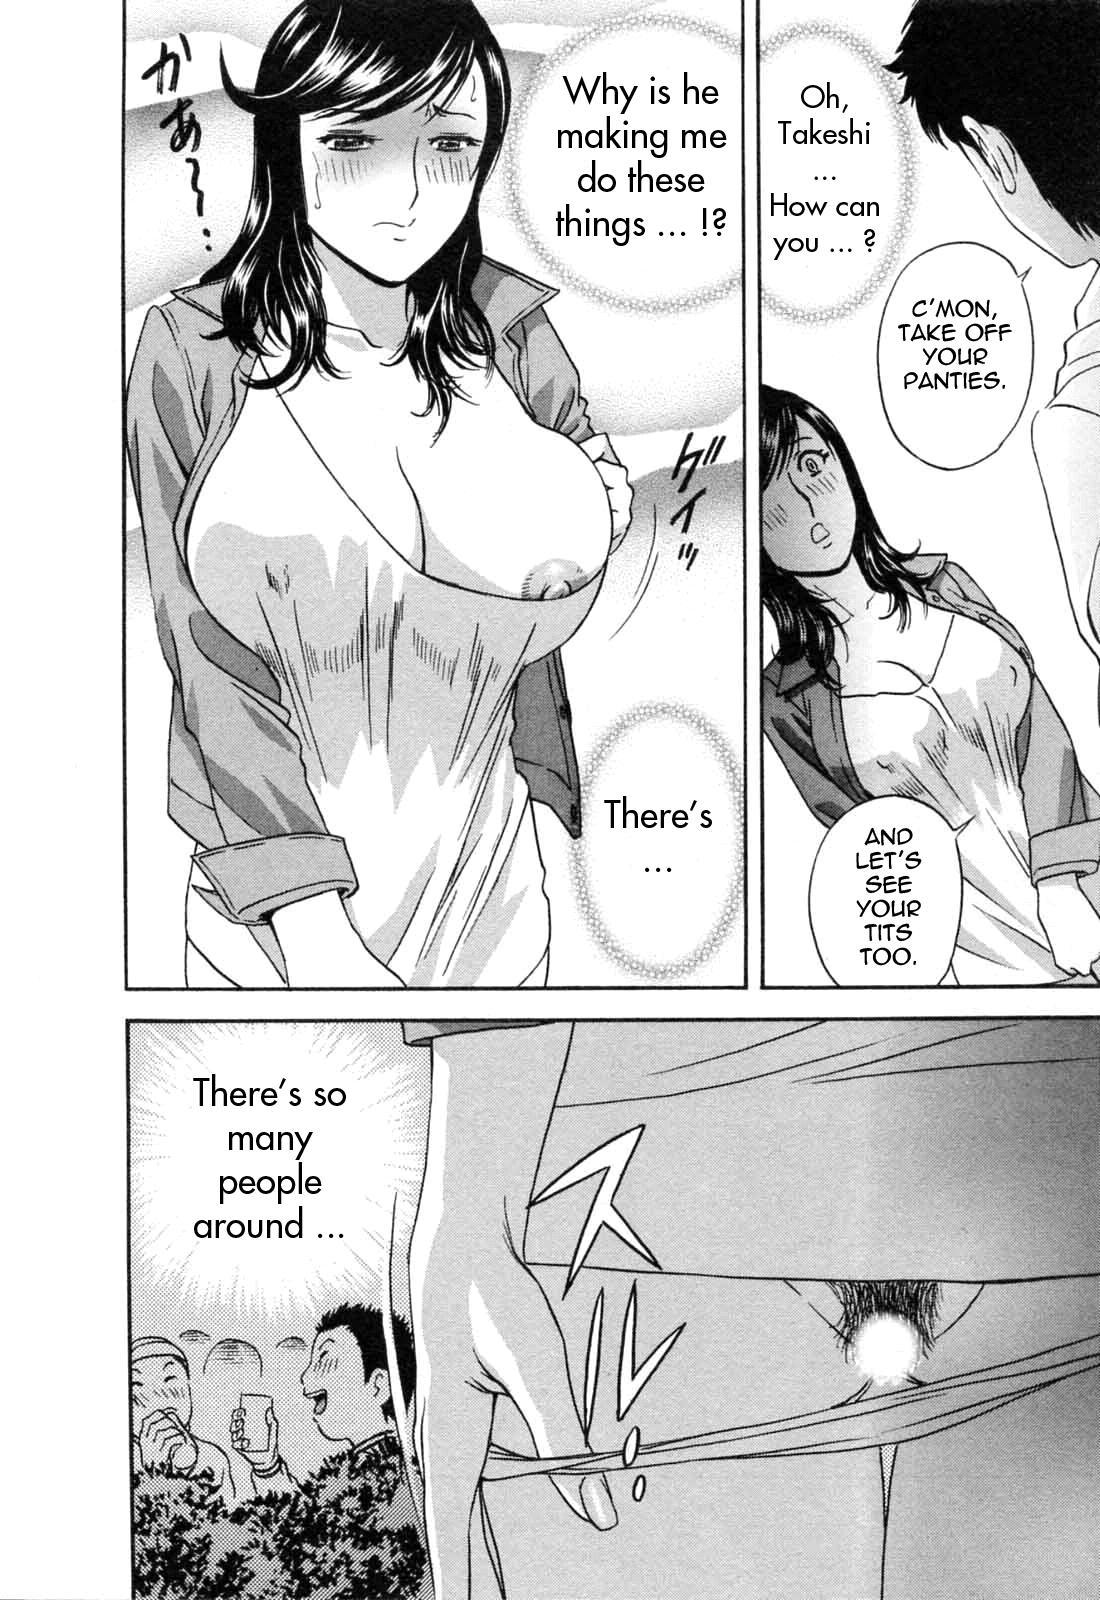 [Hidemaru] Mo-Retsu! Boin Sensei (Boing Boing Teacher) Vol.5 [English] [4dawgz] [Tadanohito] 61